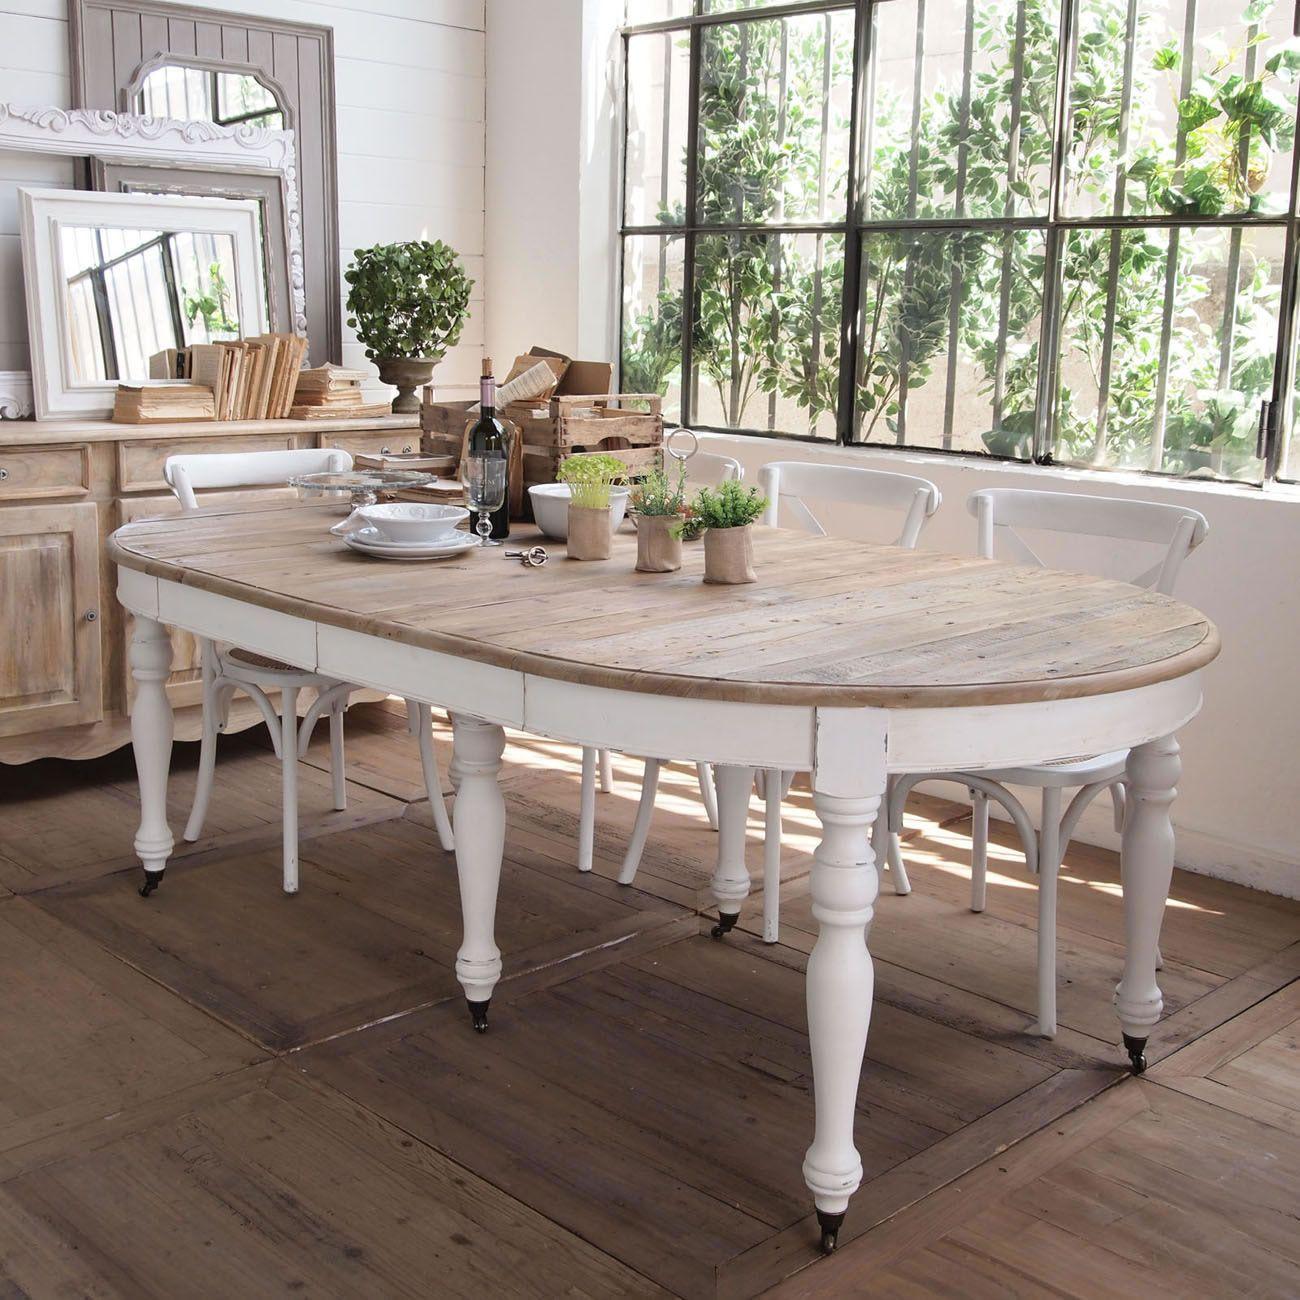 Tavolo Tondo Allungabile In Legno.Acquista Online Il Tavolo Rotondo Allungabile Fashion White Di